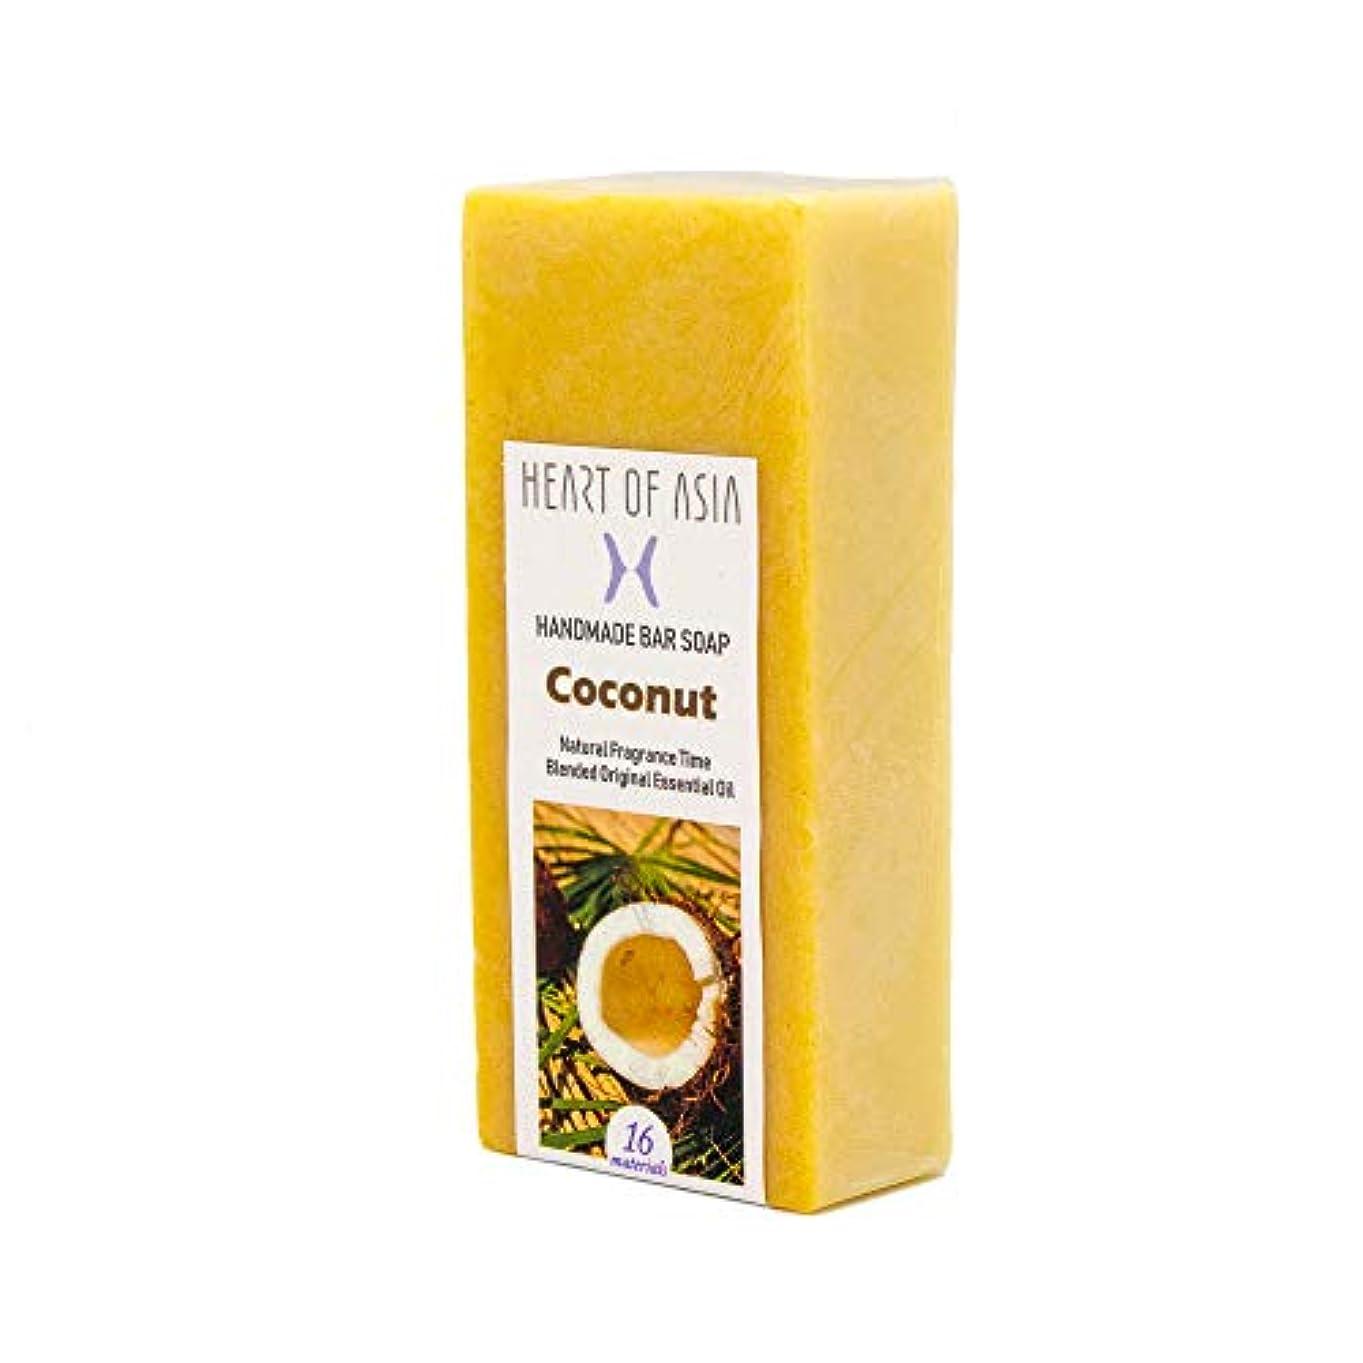 到着熟達主導権香水のようなフレグランス石けん HANDMADE BAR SOAP ~Coconut ~ (単品)